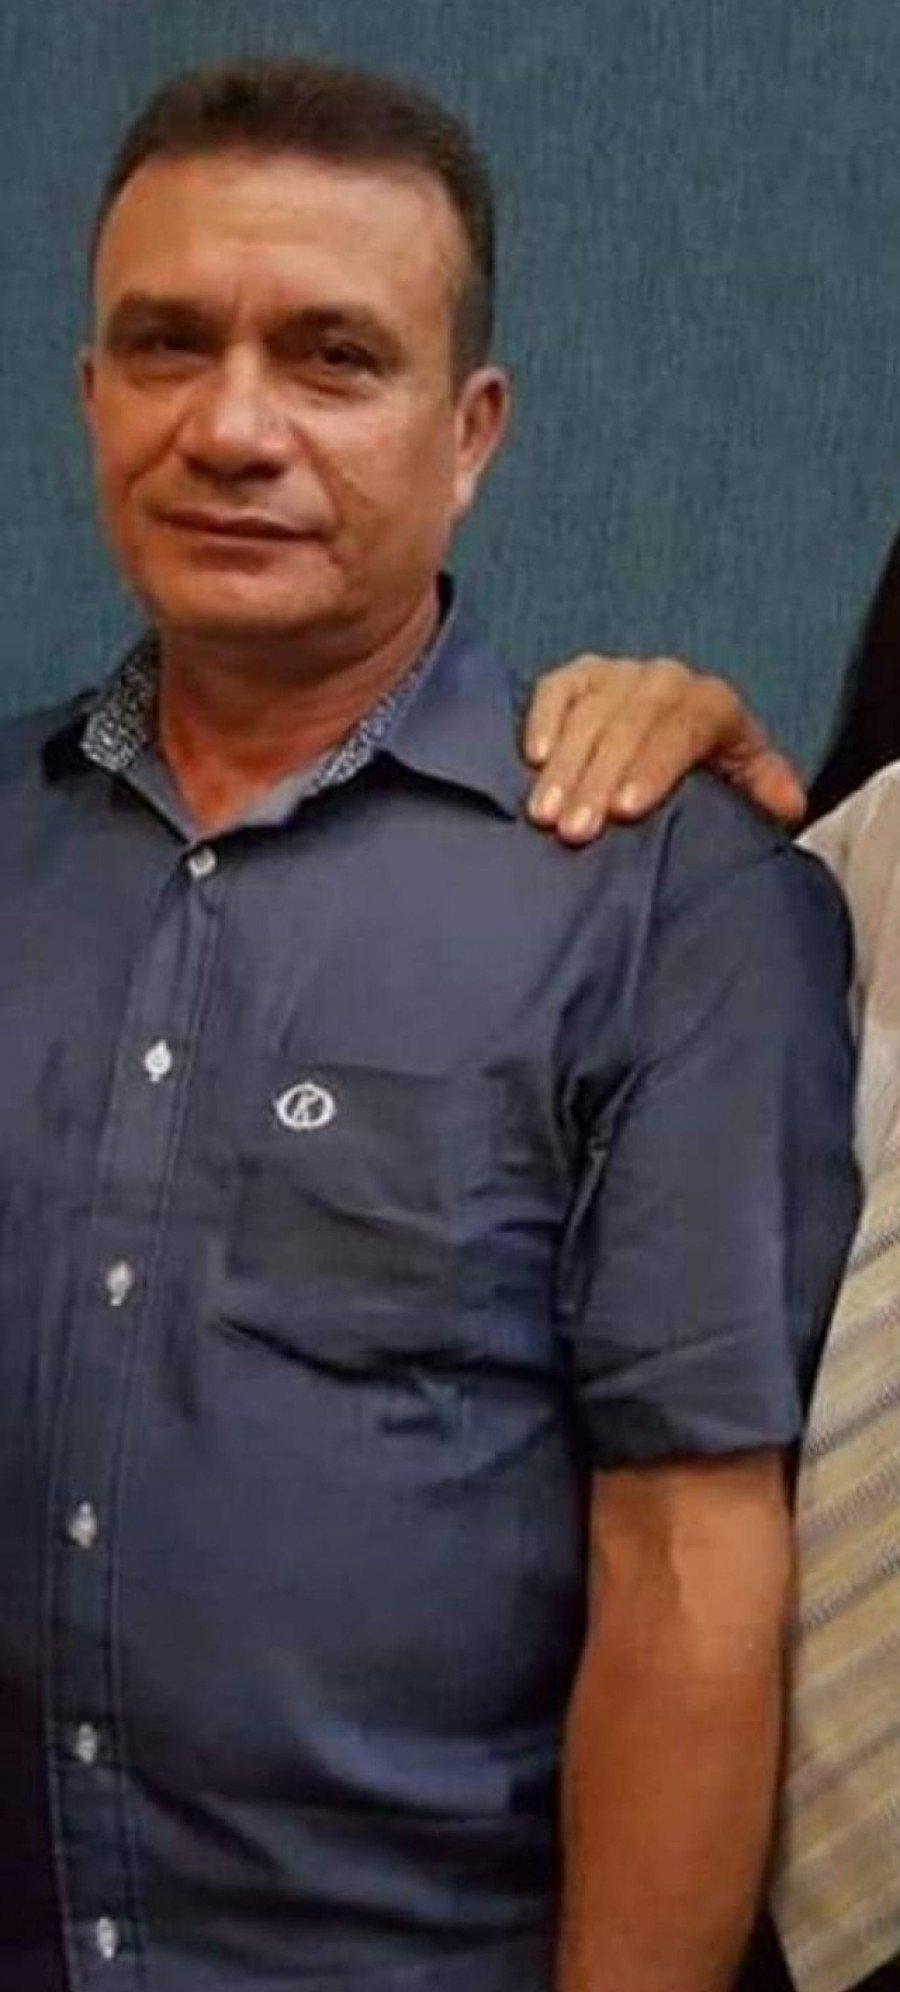 Corpo do policial militar da reserva Silvânio Costa Mendes, foi encontrado carbonizado na sua própria fazenda em Rio Sono (Foto: Divulgação)